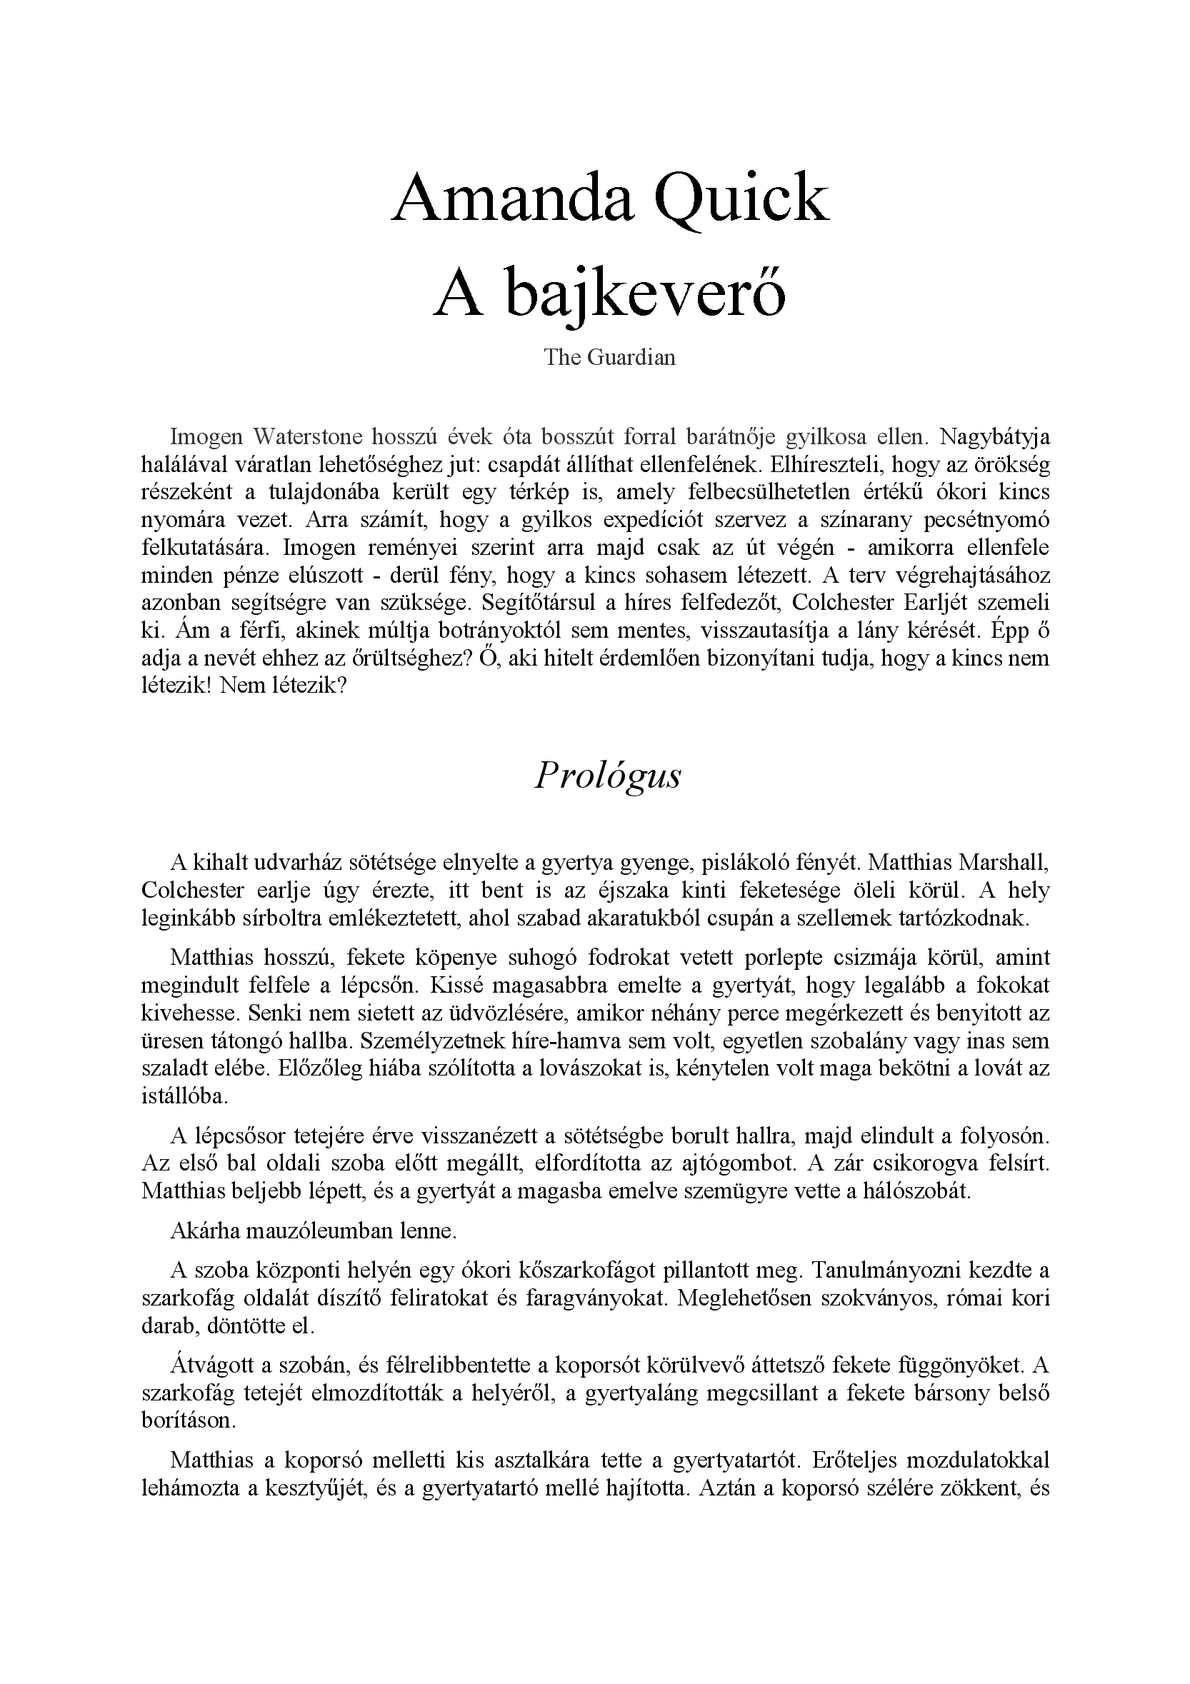 Dokumentumtár, Diphyllobothriasis szabályozási dokumentumok